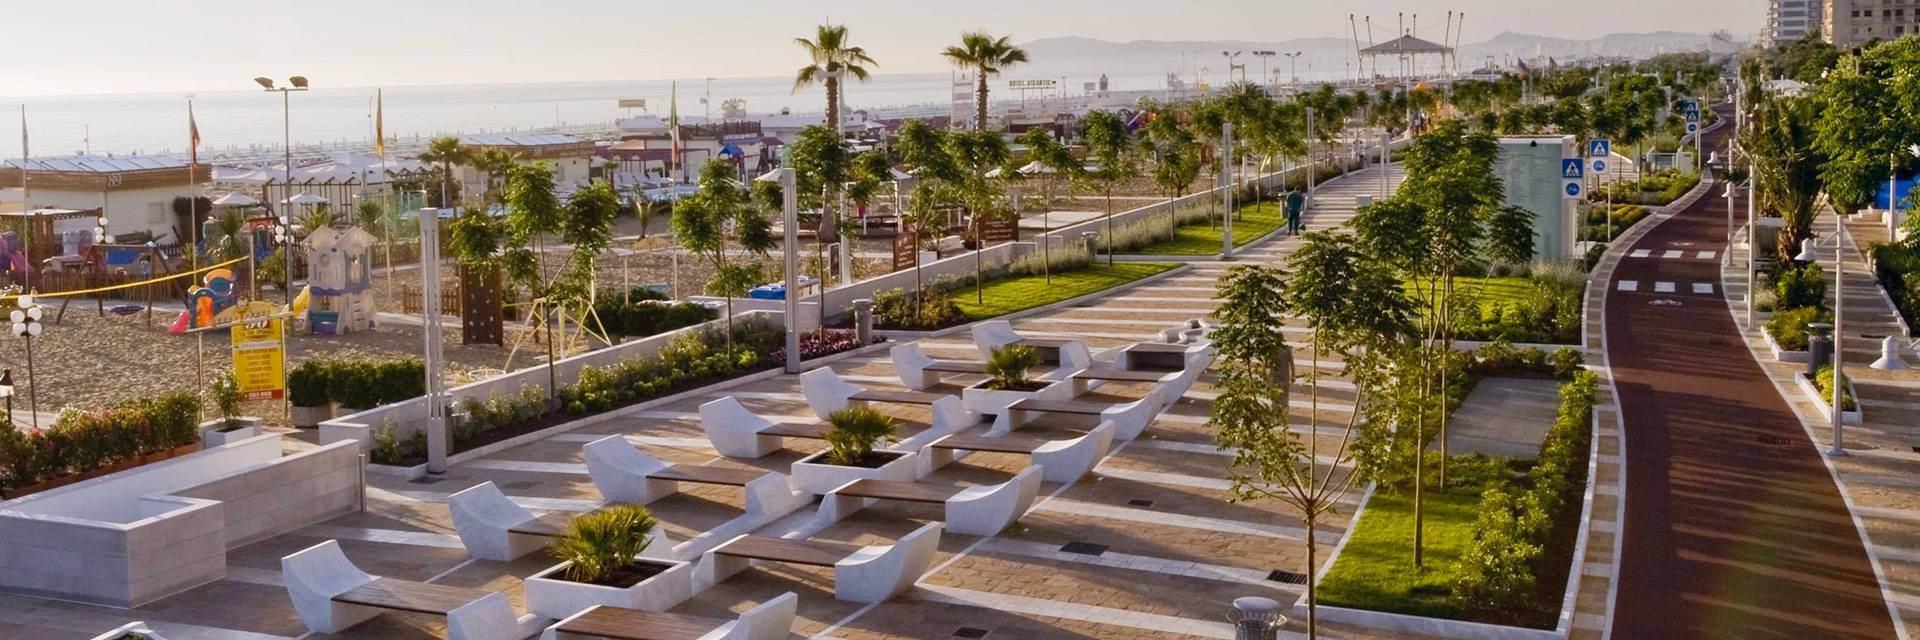 Hotel Mon Pays In Riccione Near The Sea In The City Center Hotel